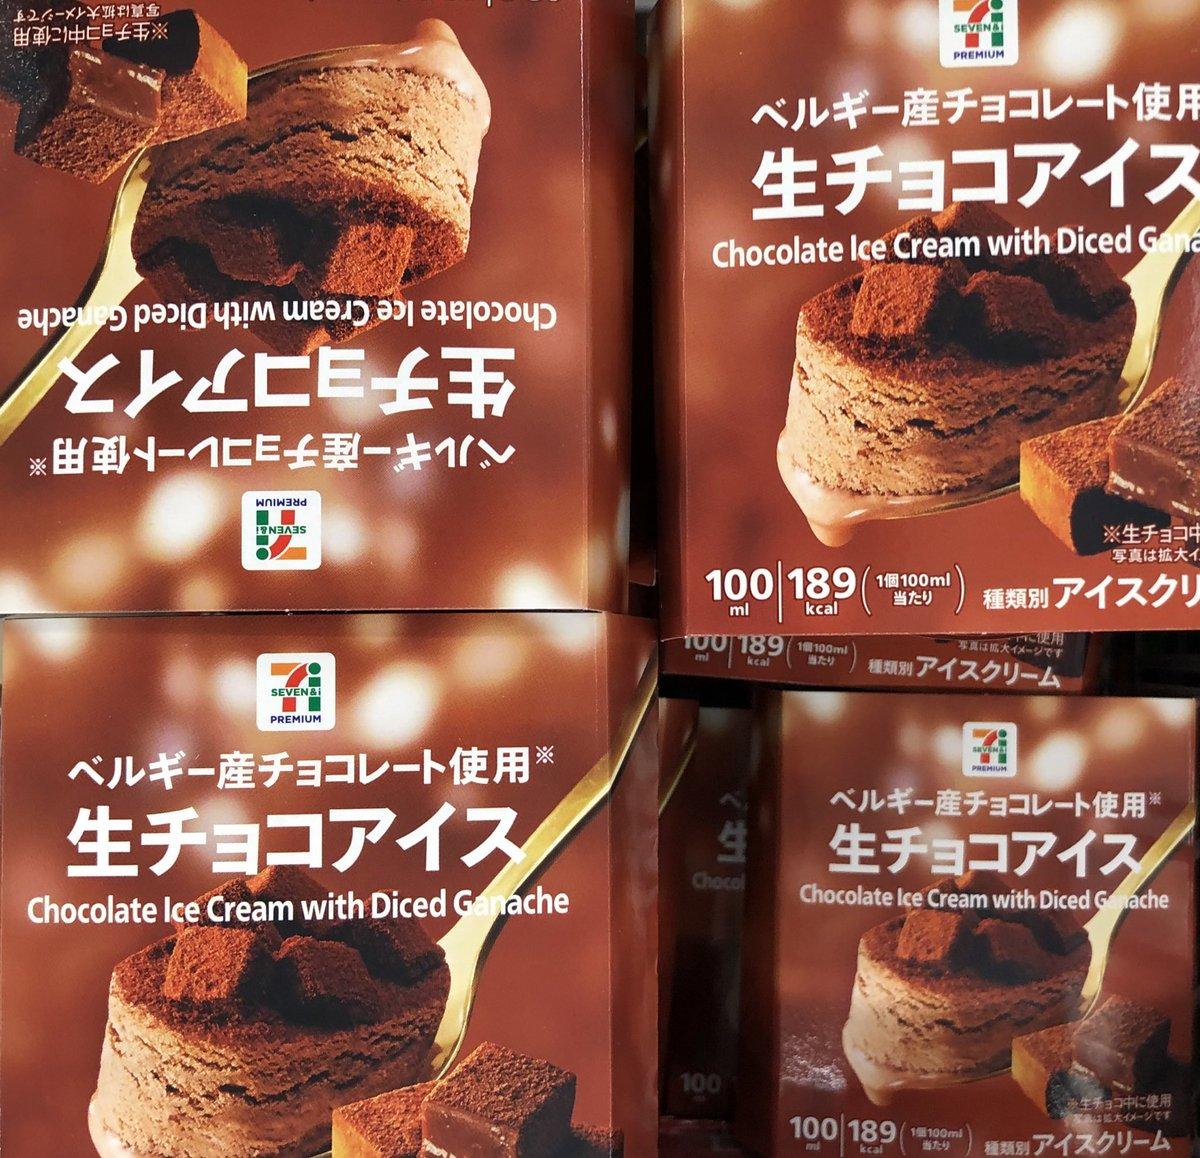 生チョコ好きに朗報!セブンで『生チョコアイス』販売開始!めちゃくちゃおいしいのでお見逃しなく✨  🏃♂️🏃♀🏃🏼️🏃♂️🏃♀️